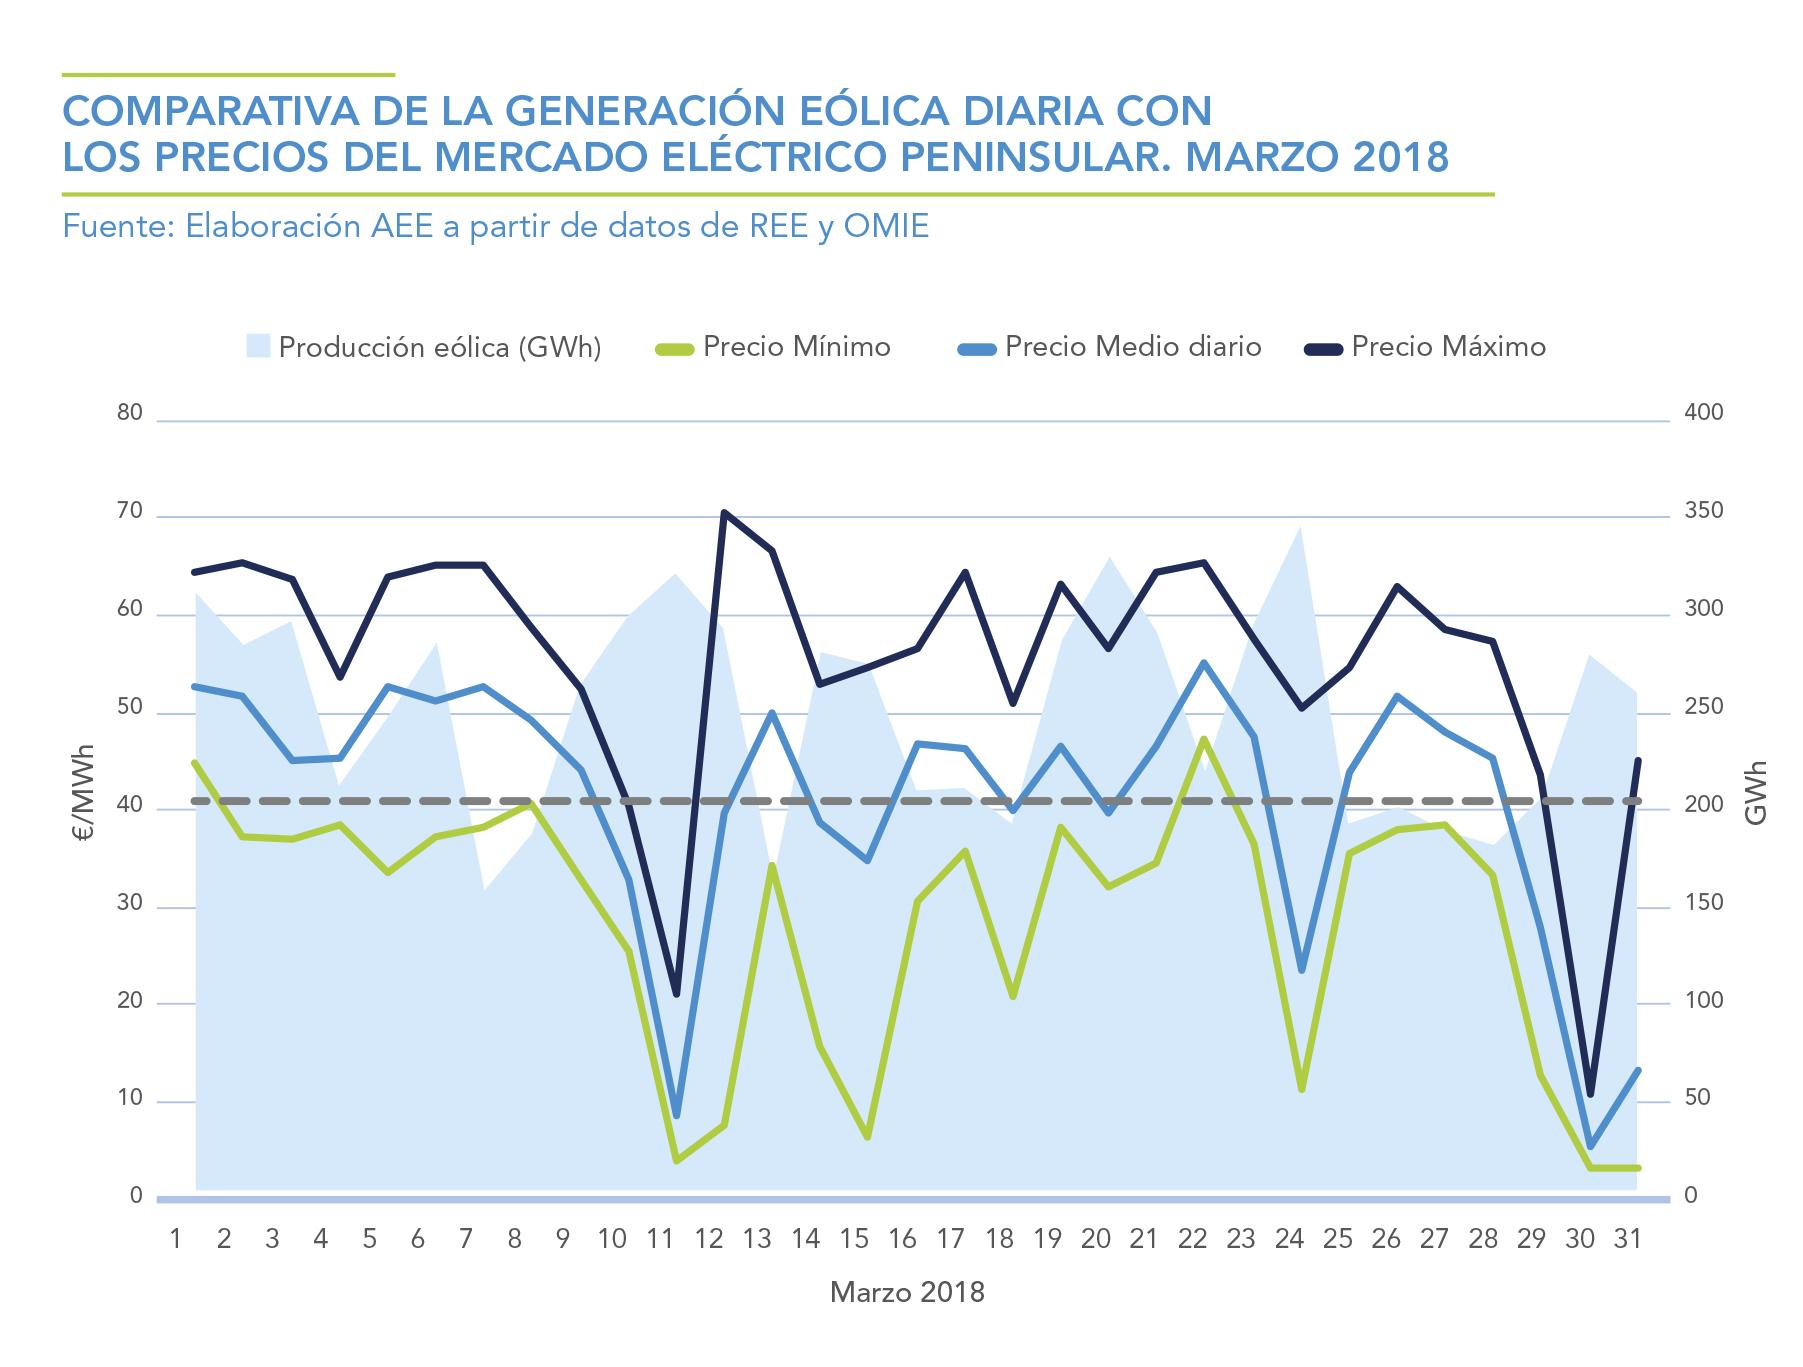 COMPARATIVA-DE-LA-GENERACION-EOLICA-DIARIA-CON-LOS-PRECIOS-DEL-MERCADO-ELECTRICO-PENINSULAR